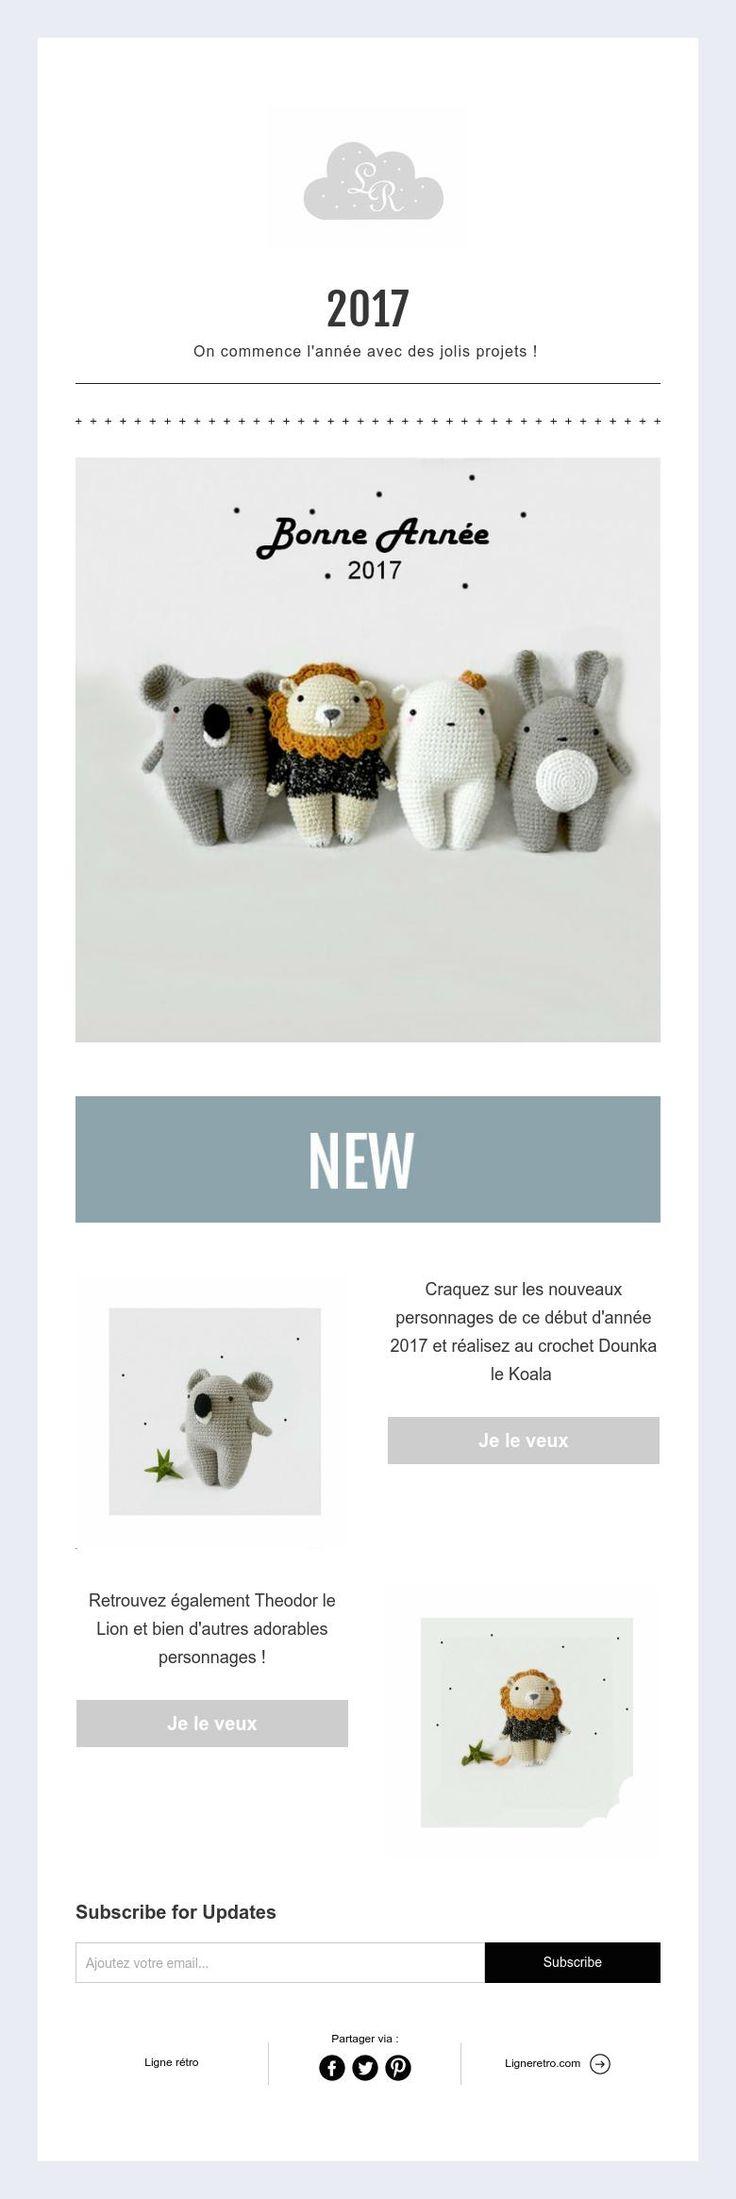 Amigurumi Websites : 190 best images about Doudous crochet on Pinterest ...